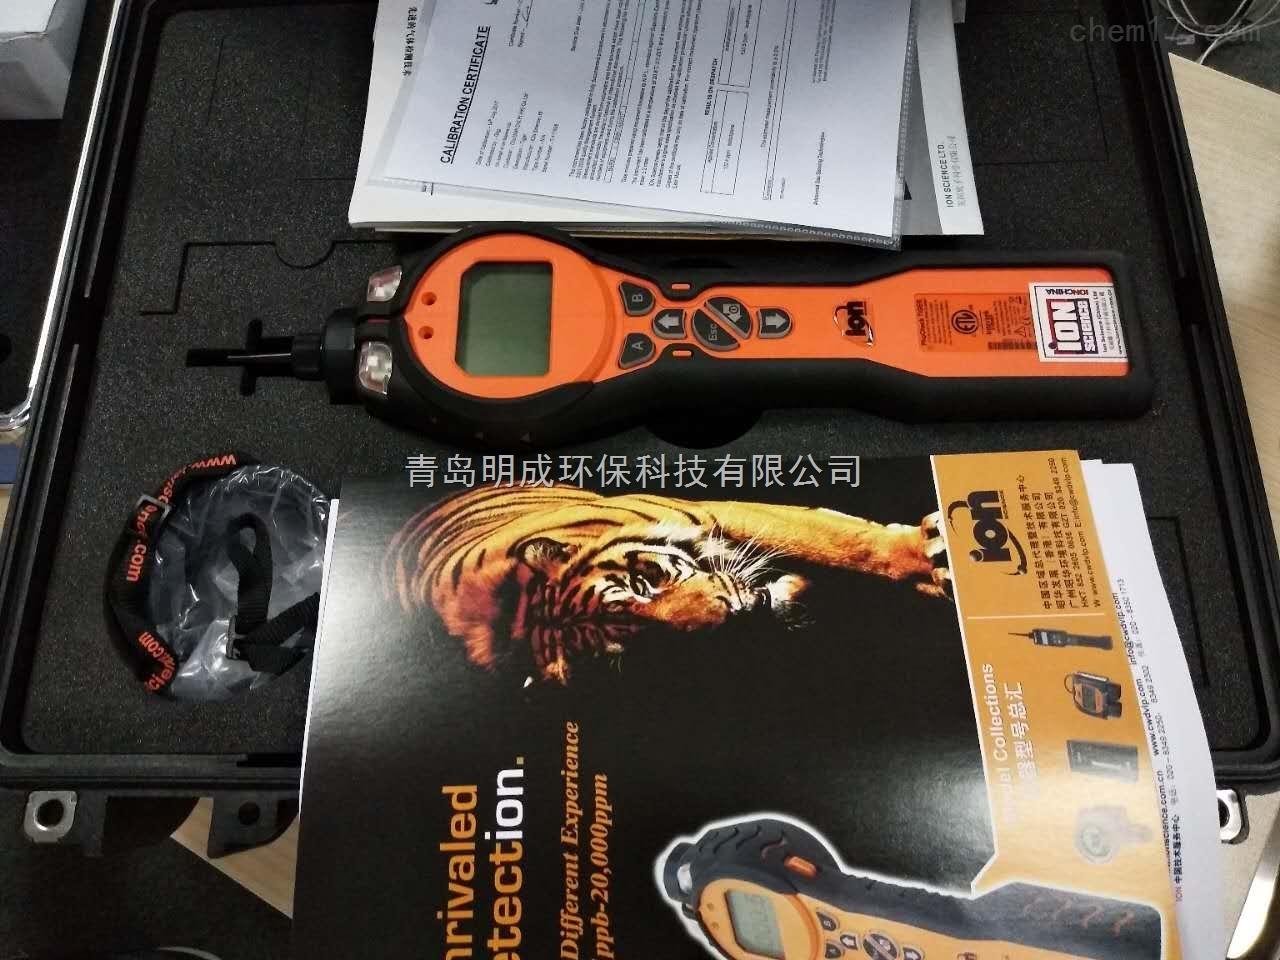 英离子--PCT-CNG军用版气体检测仪